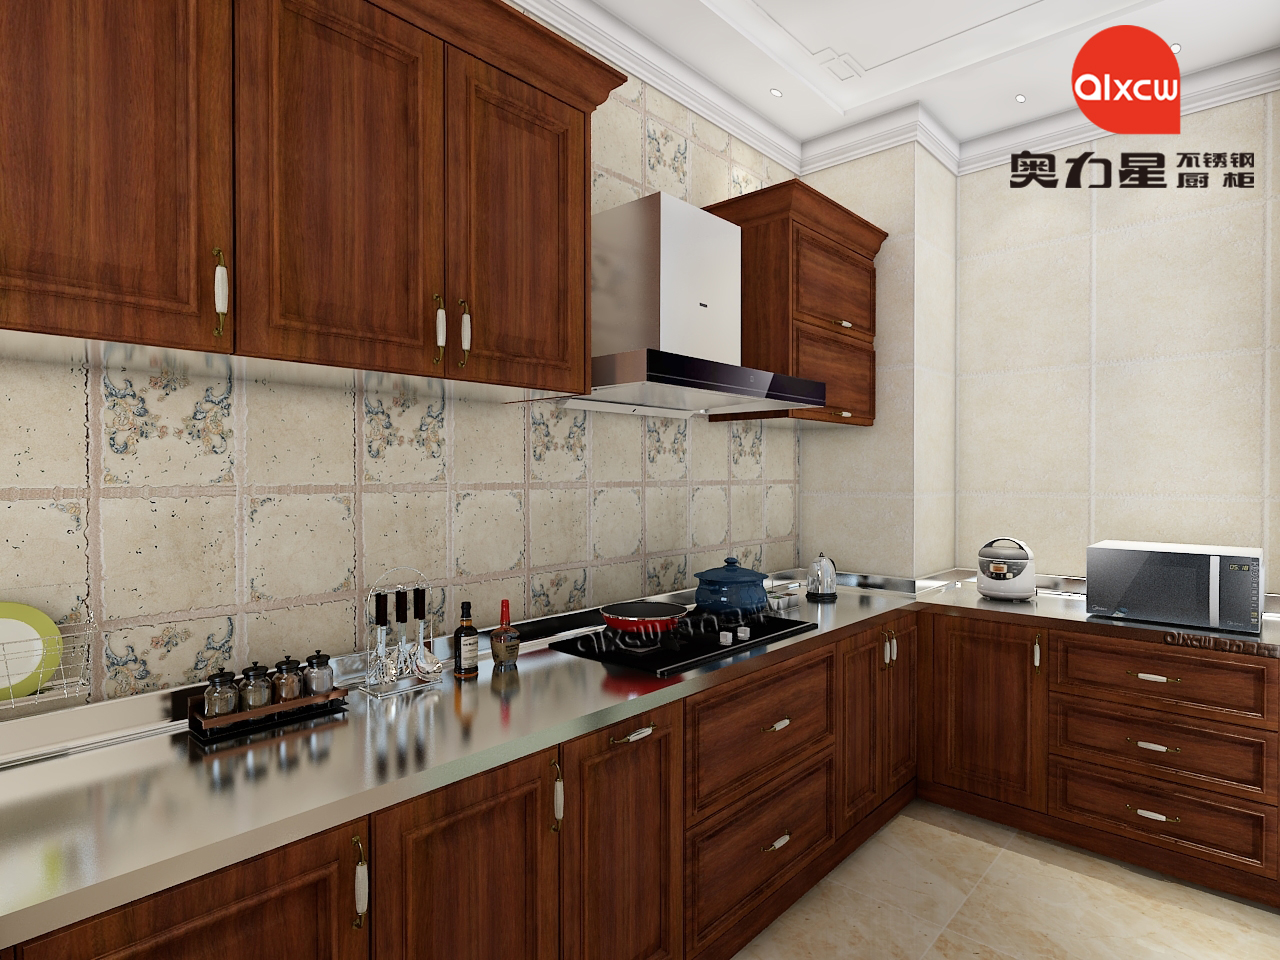 中式橱柜不锈钢